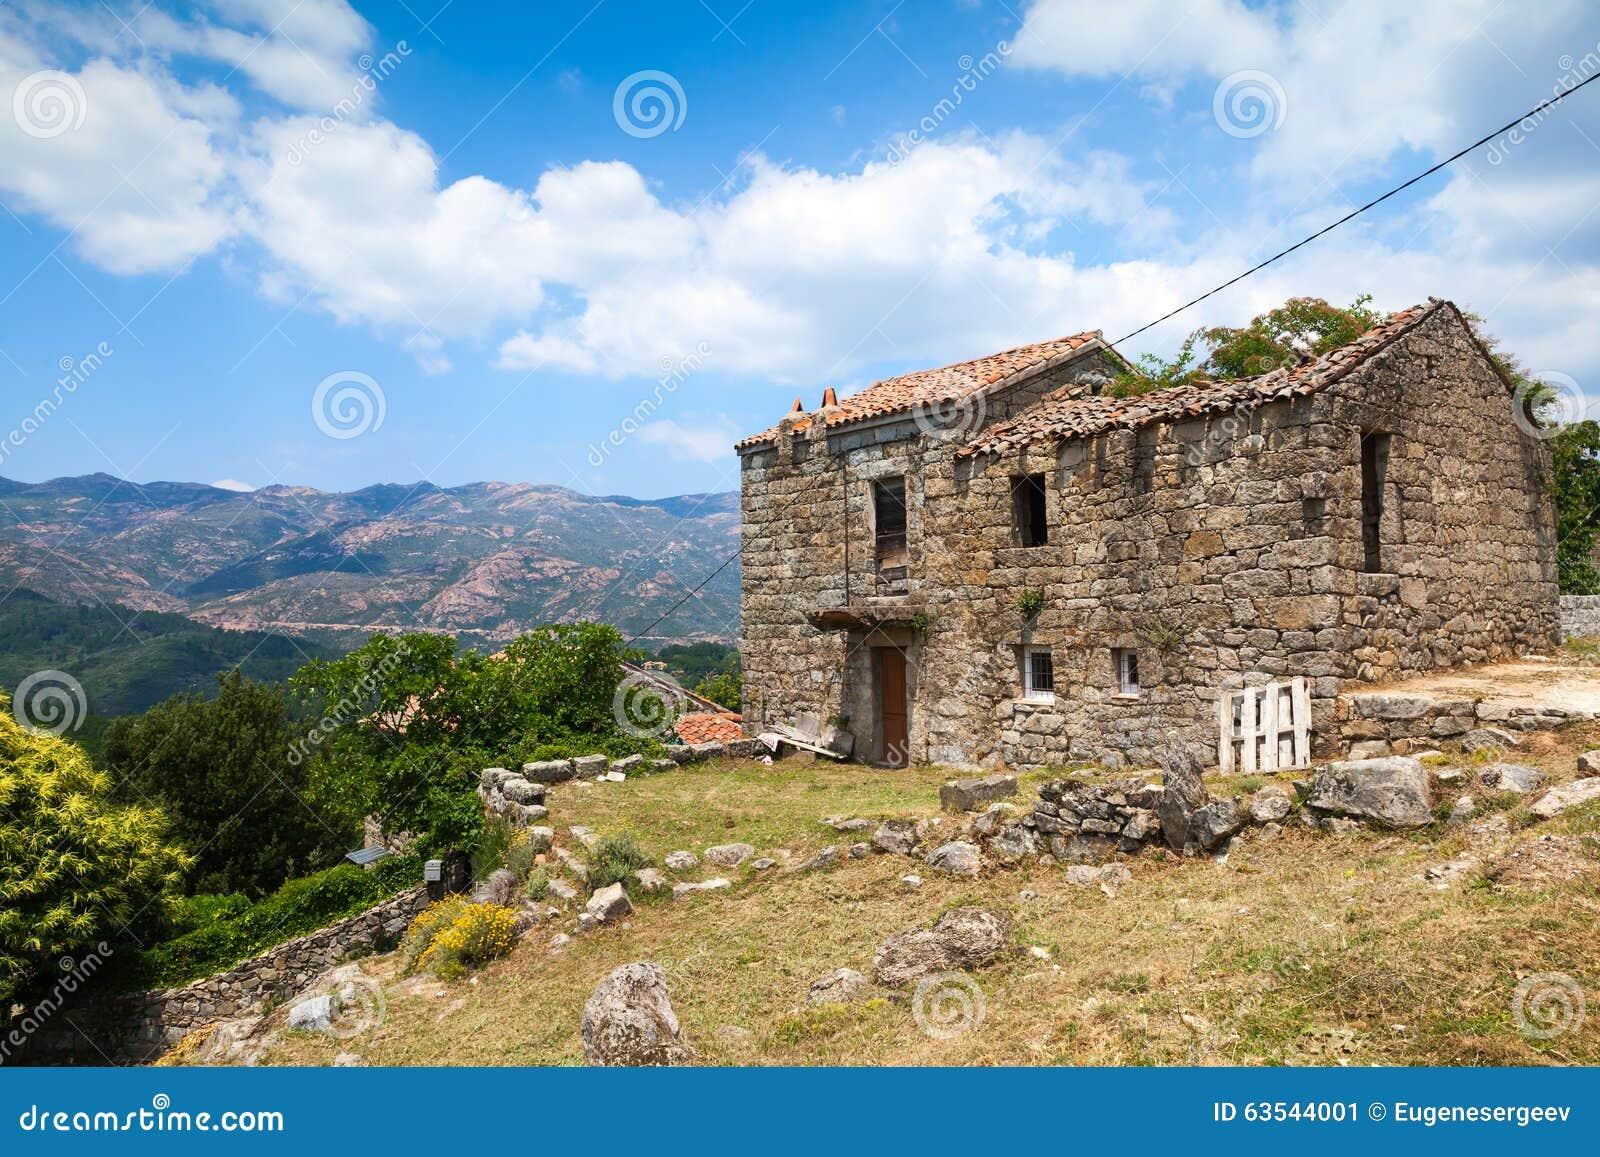 Constructeur Corse Du Sud 100+ [ constructeur maison en pierre ] | pérassay wikipedia